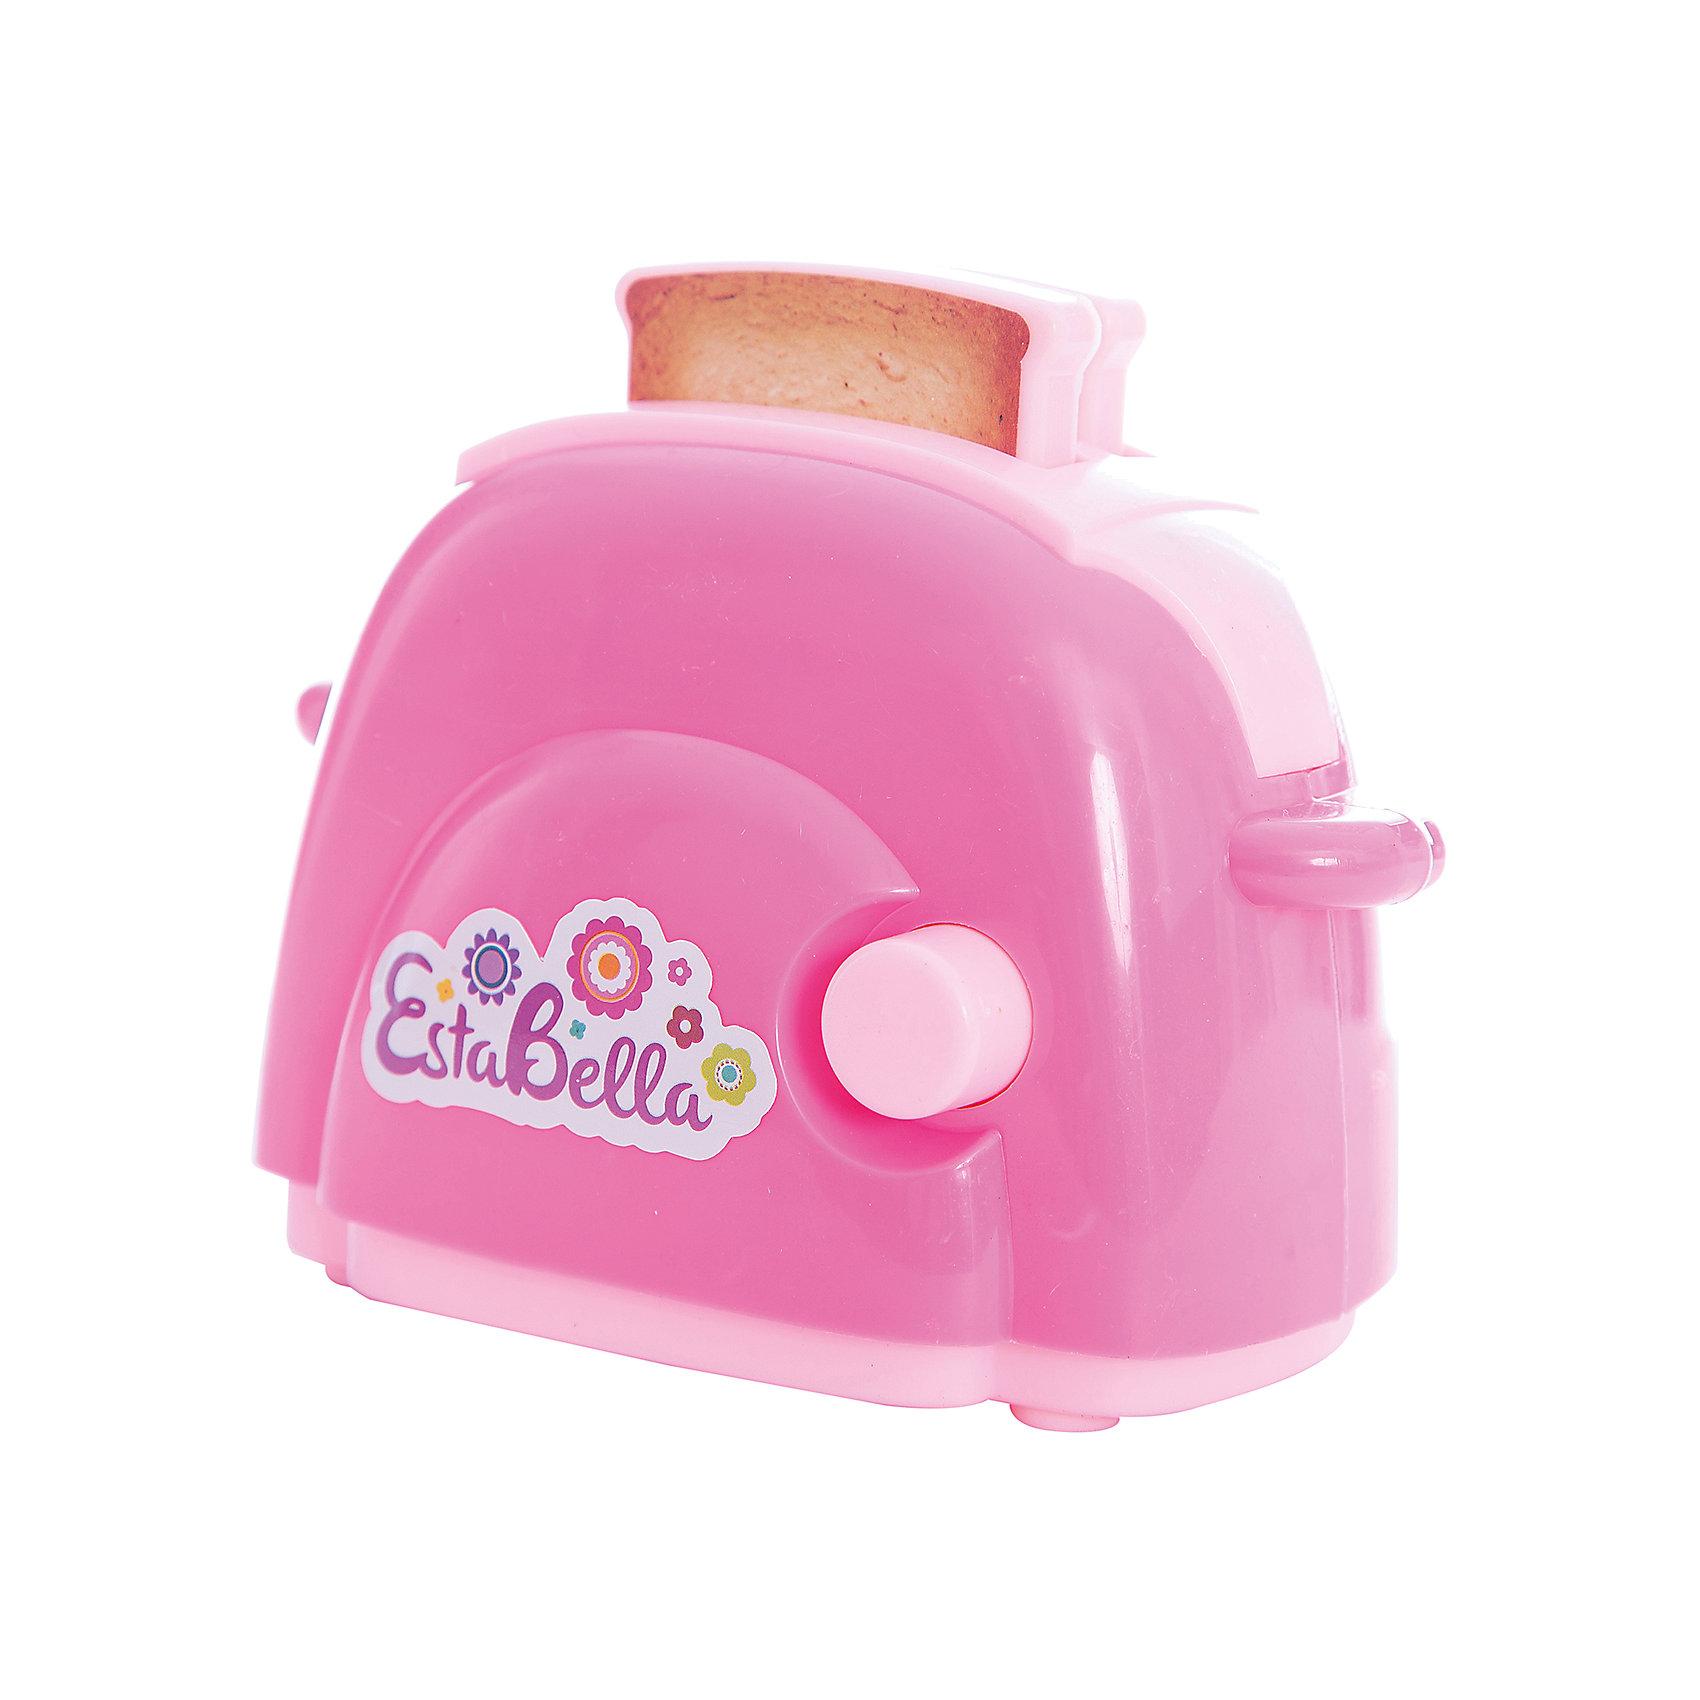 Игрушка Тостер, EstaBellaИгрушечная бытовая техника<br>Игрушка Тостер, EstaBella (Эстабелла).<br><br>Характеристики:<br><br>• полностью безопасен для ребенка<br>• материал: пластик<br>• вес: 200 грамм<br>• размер упаковки: 15х8х16 см<br><br>Тостер EstaBella (Эстабелла) очень похож на настоящий. С его помощью девочка научится готовить тосты, а в дальнейшем с радостью поможет маме с настоящим тостером. Яркая стильная игрушка прекрасно подойдет для сюжетно-ролевых игр. Кроме того, она выполнена из нетоксичного пластика, полностью безопасного для ребенка. Порадуйте девочку тостером EstaBella!<br><br>Игрушку Тостер, EstaBella (Эстабелла) вы можете купить в нашем интернет-магазине.<br><br>Ширина мм: 160<br>Глубина мм: 80<br>Высота мм: 150<br>Вес г: 200<br>Возраст от месяцев: 36<br>Возраст до месяцев: 120<br>Пол: Женский<br>Возраст: Детский<br>SKU: 5017653